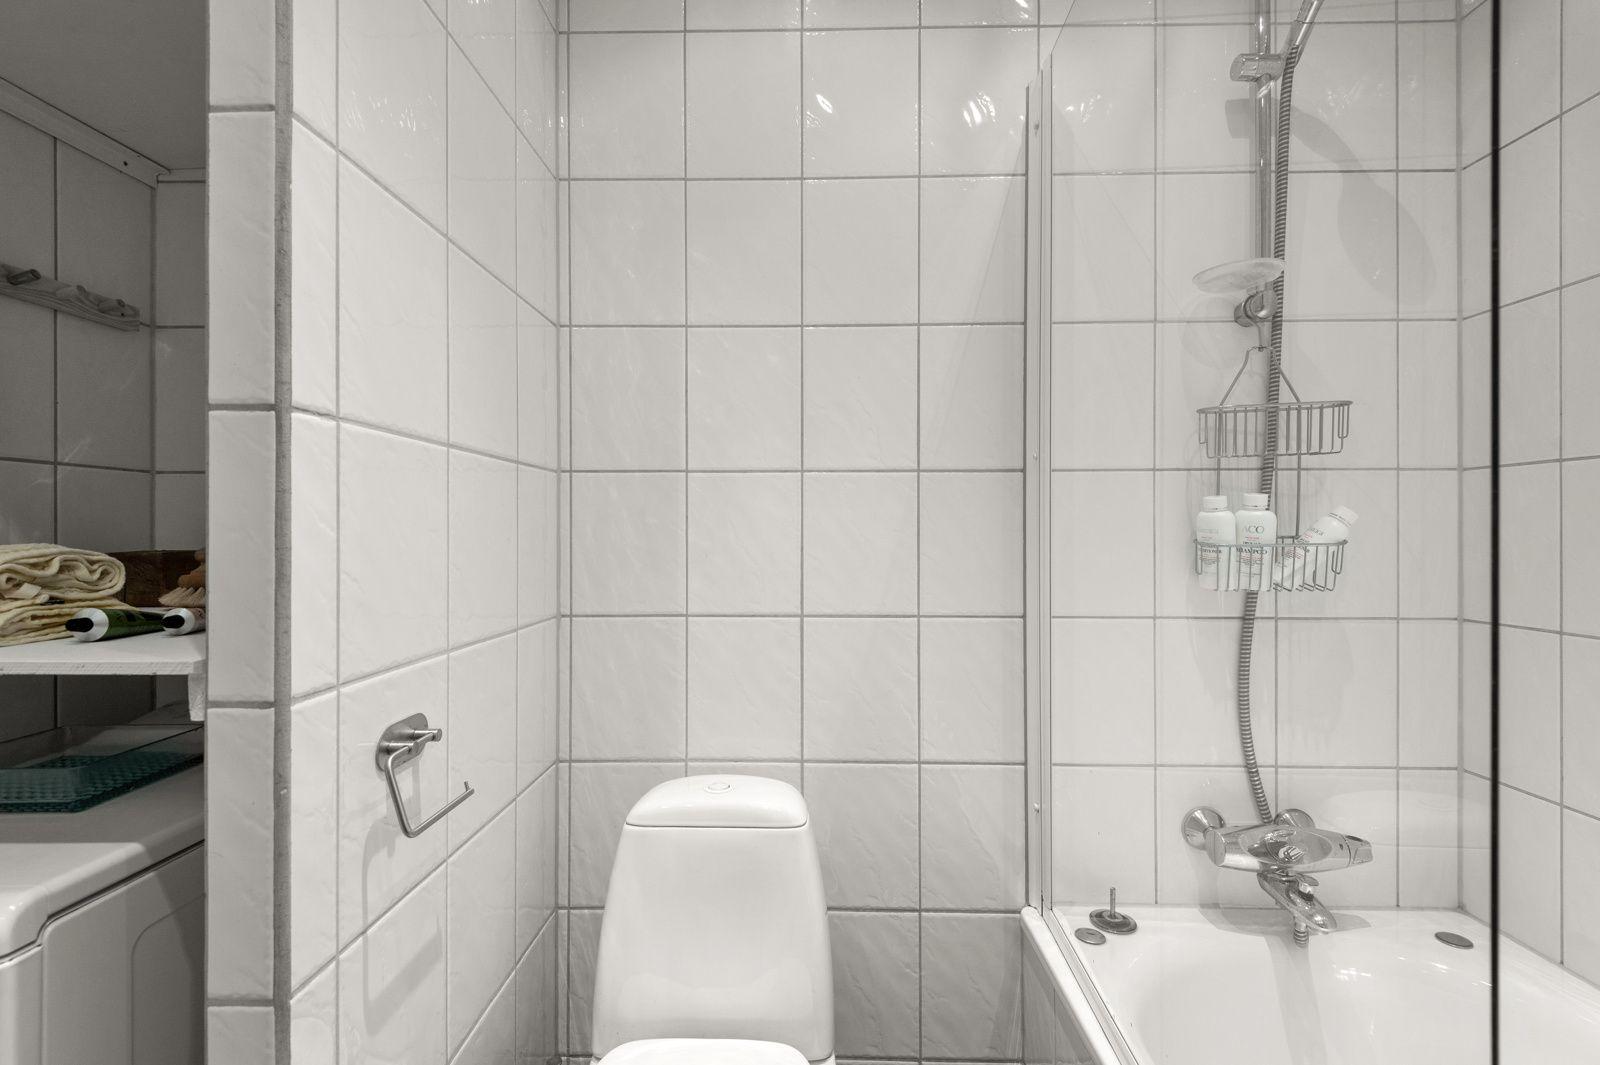 Arups gate 18 B - Badekar med dusjvegg, toalett, servant med skap og speil  -